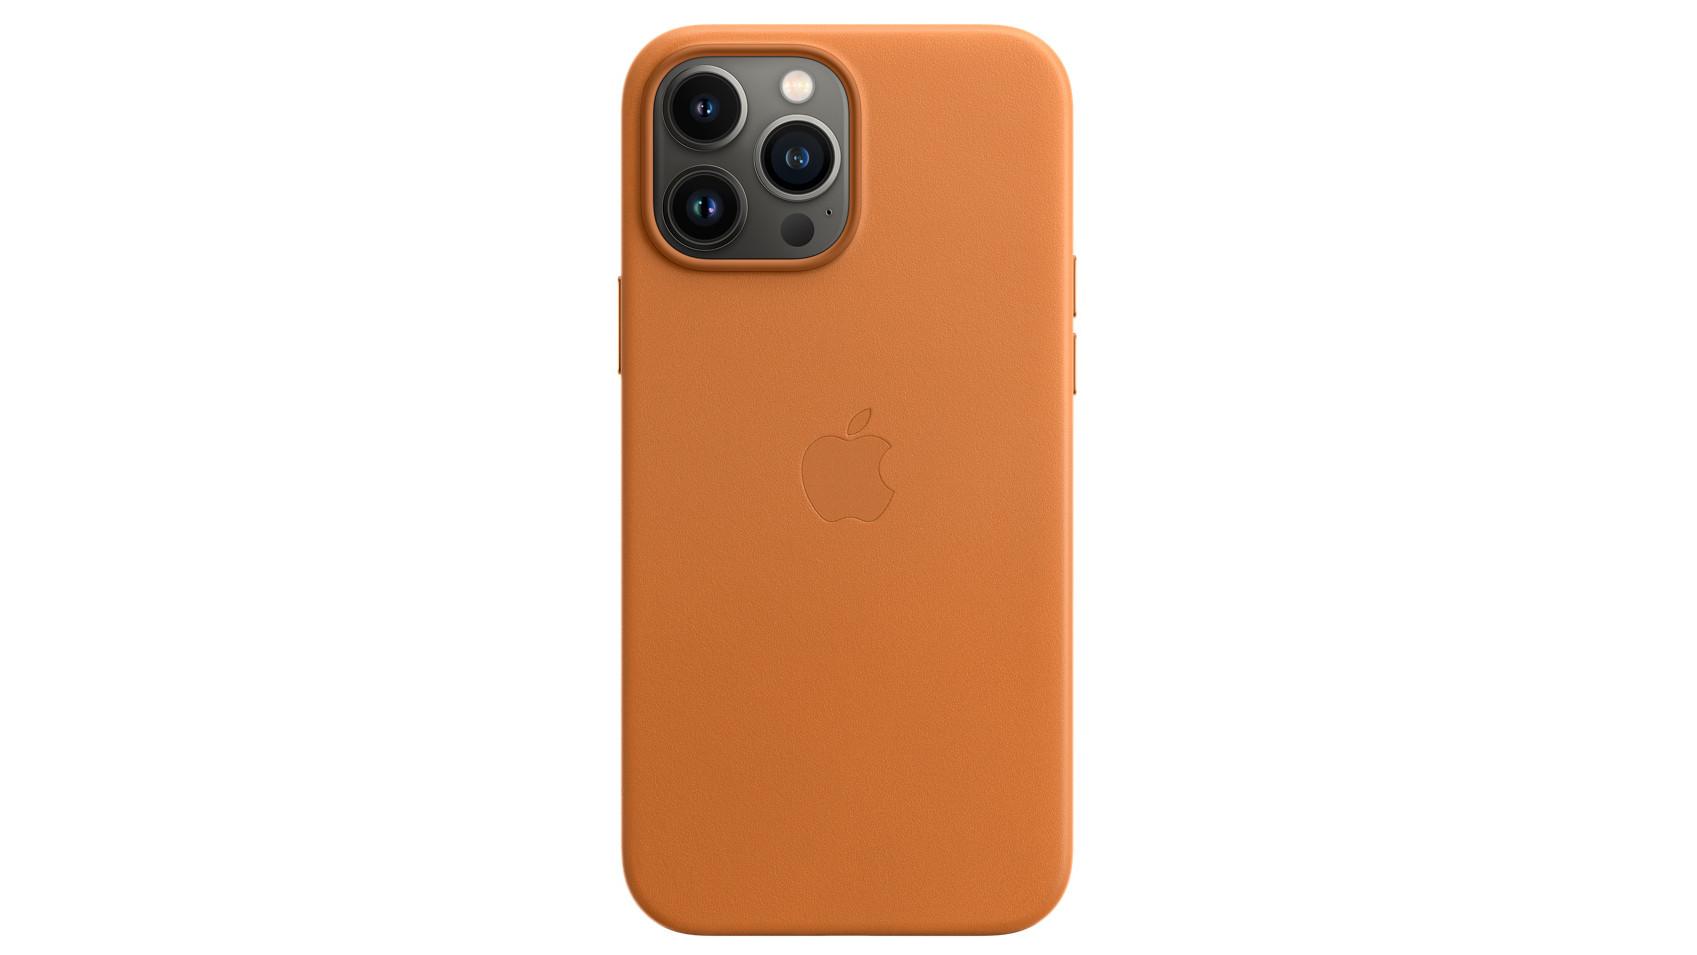 Etui en cuir Apple iPhone 13